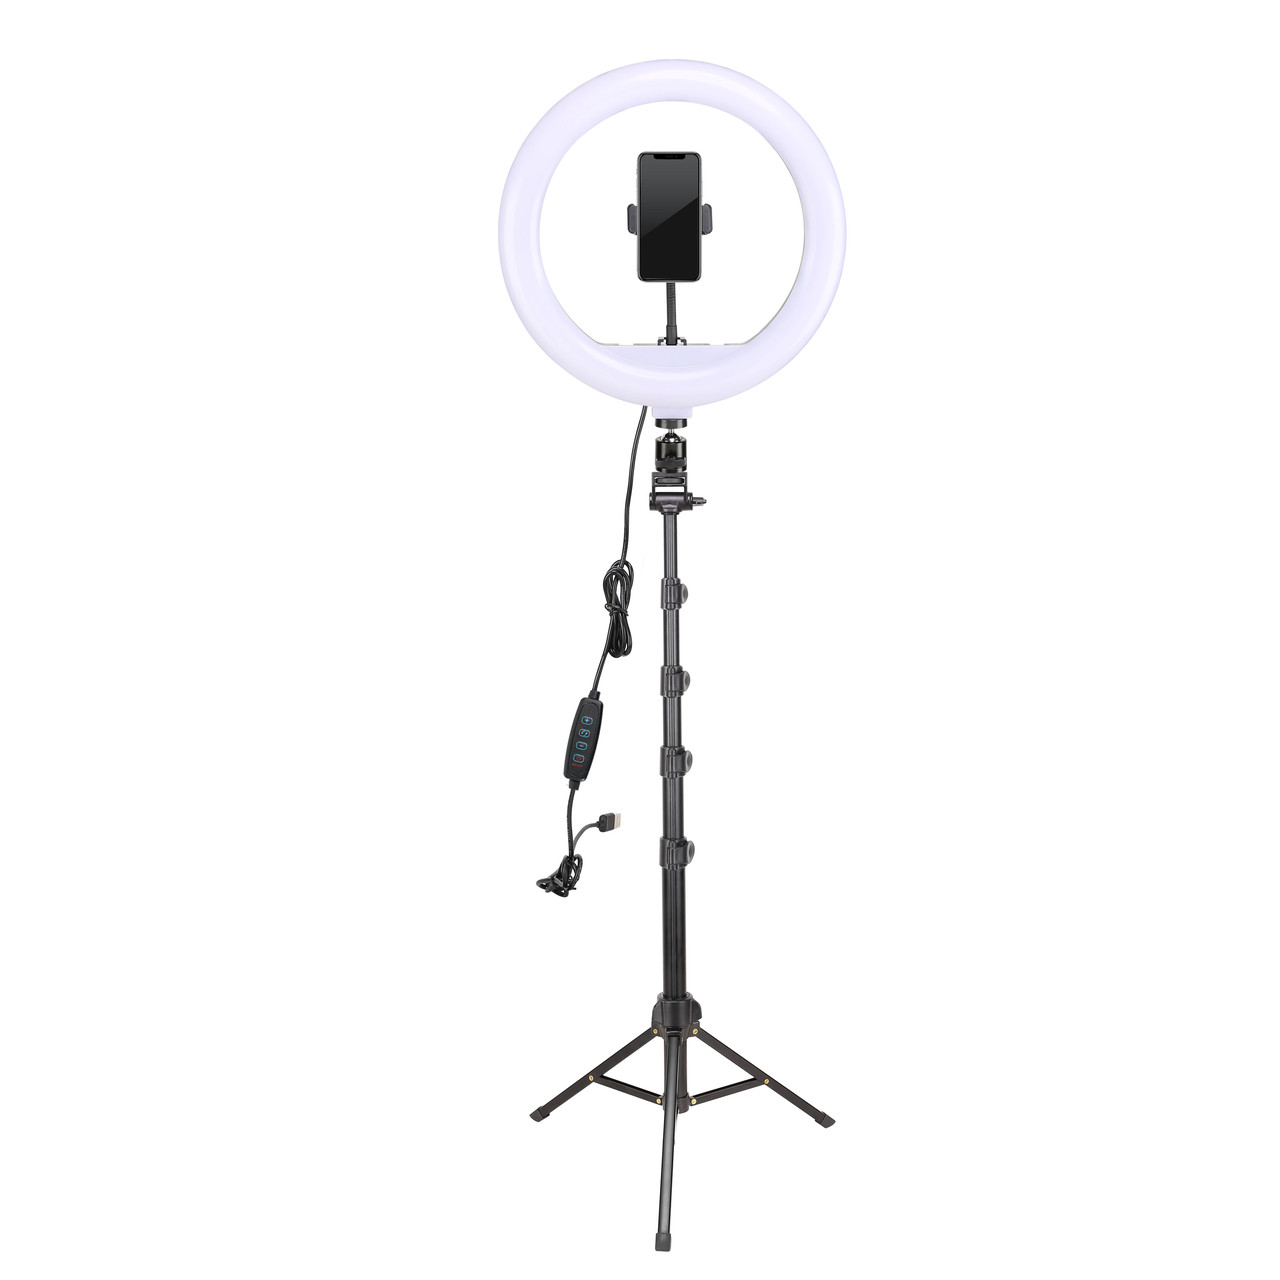 """Кільцевий LED світло YQ-320B (12"""" - 32см) з пультом (провідним), держателем і стійкою 2м для б'юті, селфи"""